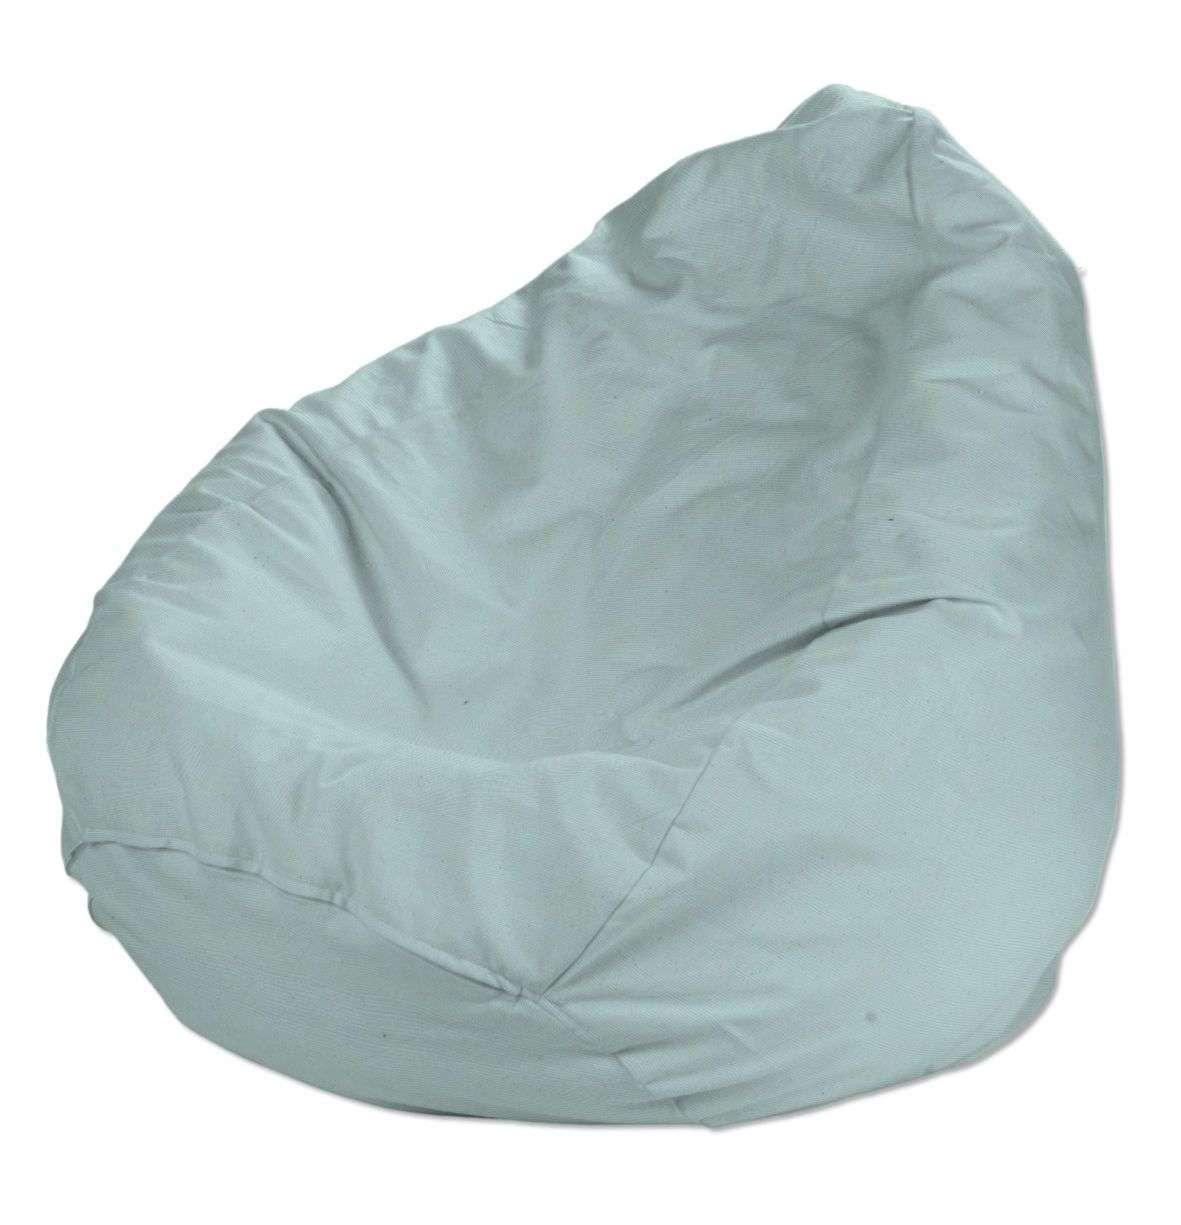 Pokrowiec na worek do siedzenia w kolekcji Cotton Panama, tkanina: 702-10